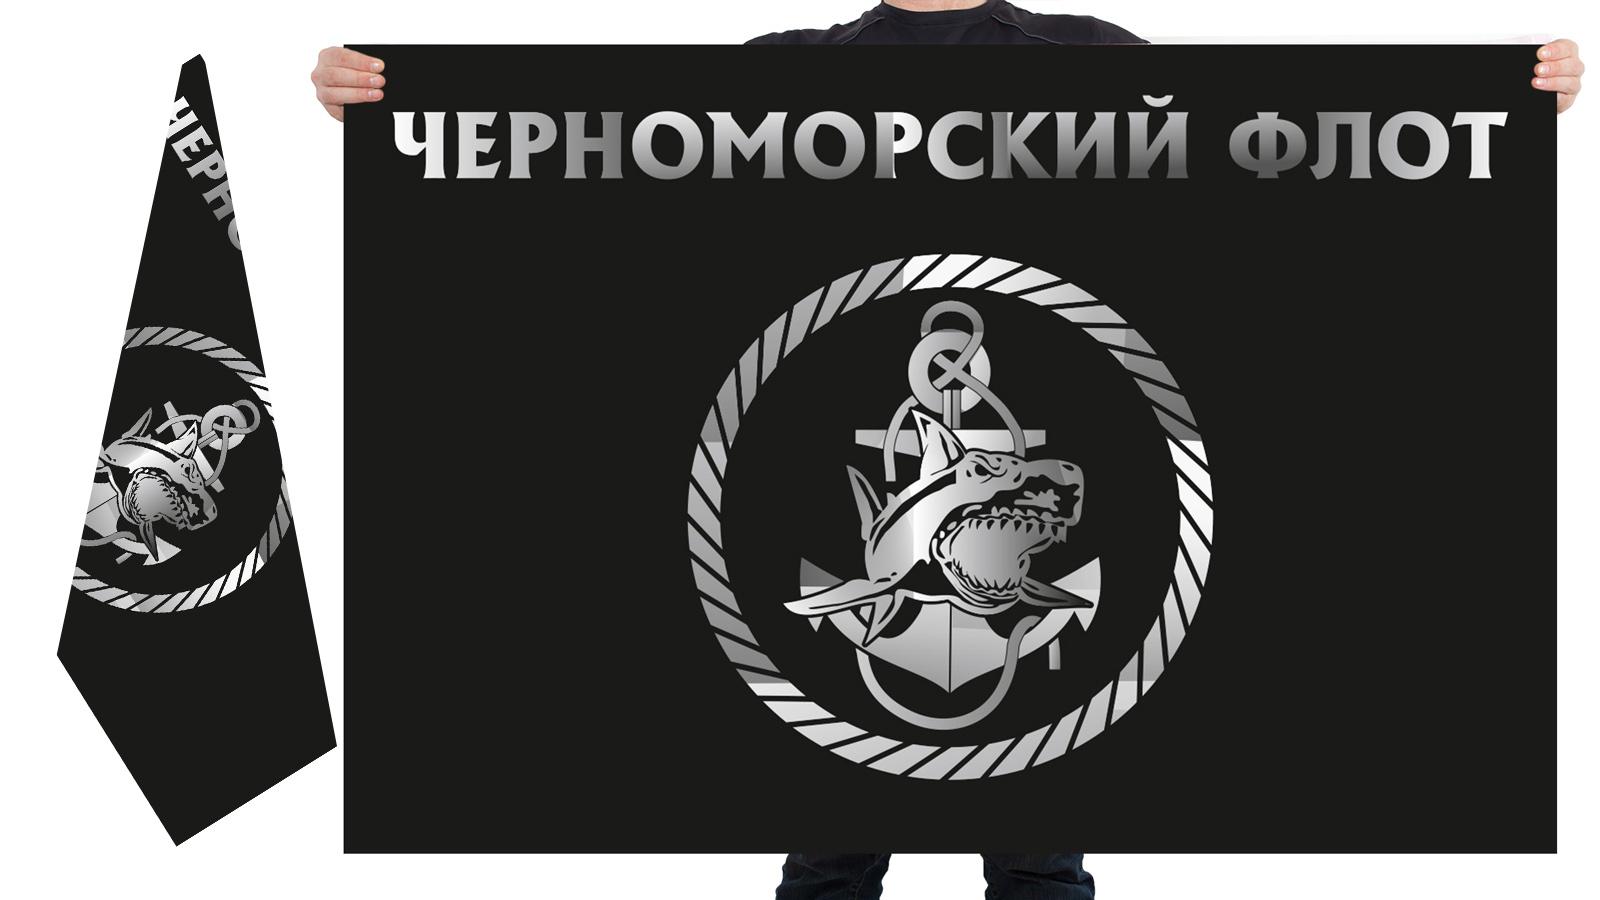 Двусторонний флаг Черноморского флота